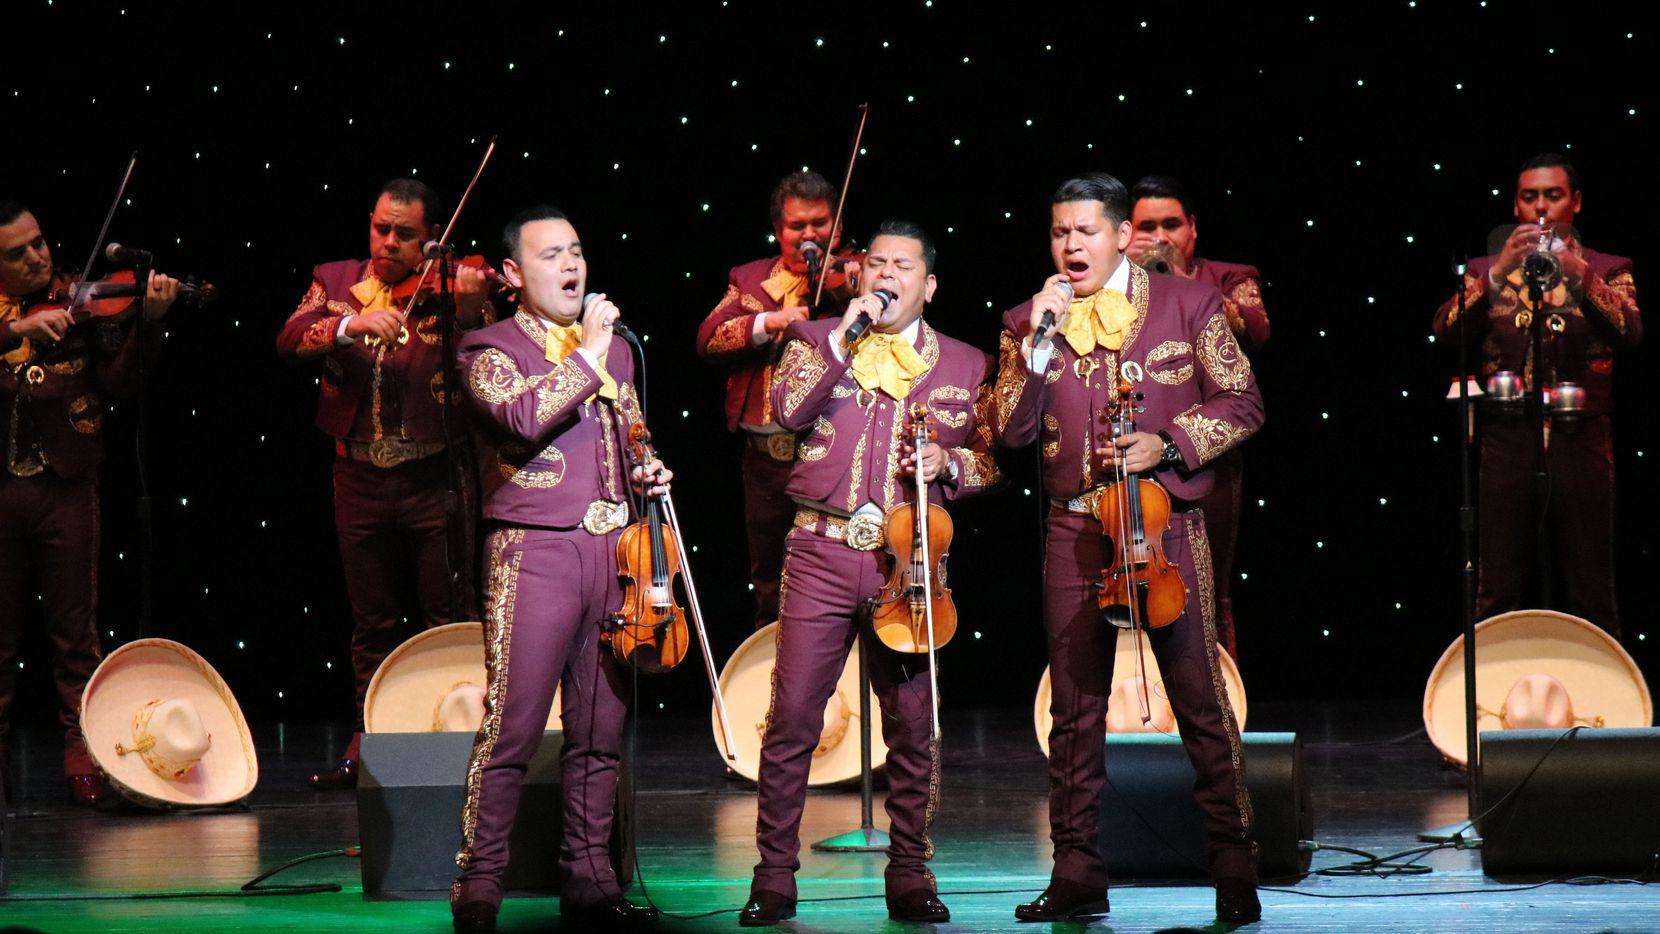 El Mariachi Los Camperos, ganadores del Grammy estarán presentes en el festival organizado por la Sinfónica de Fort Worth.